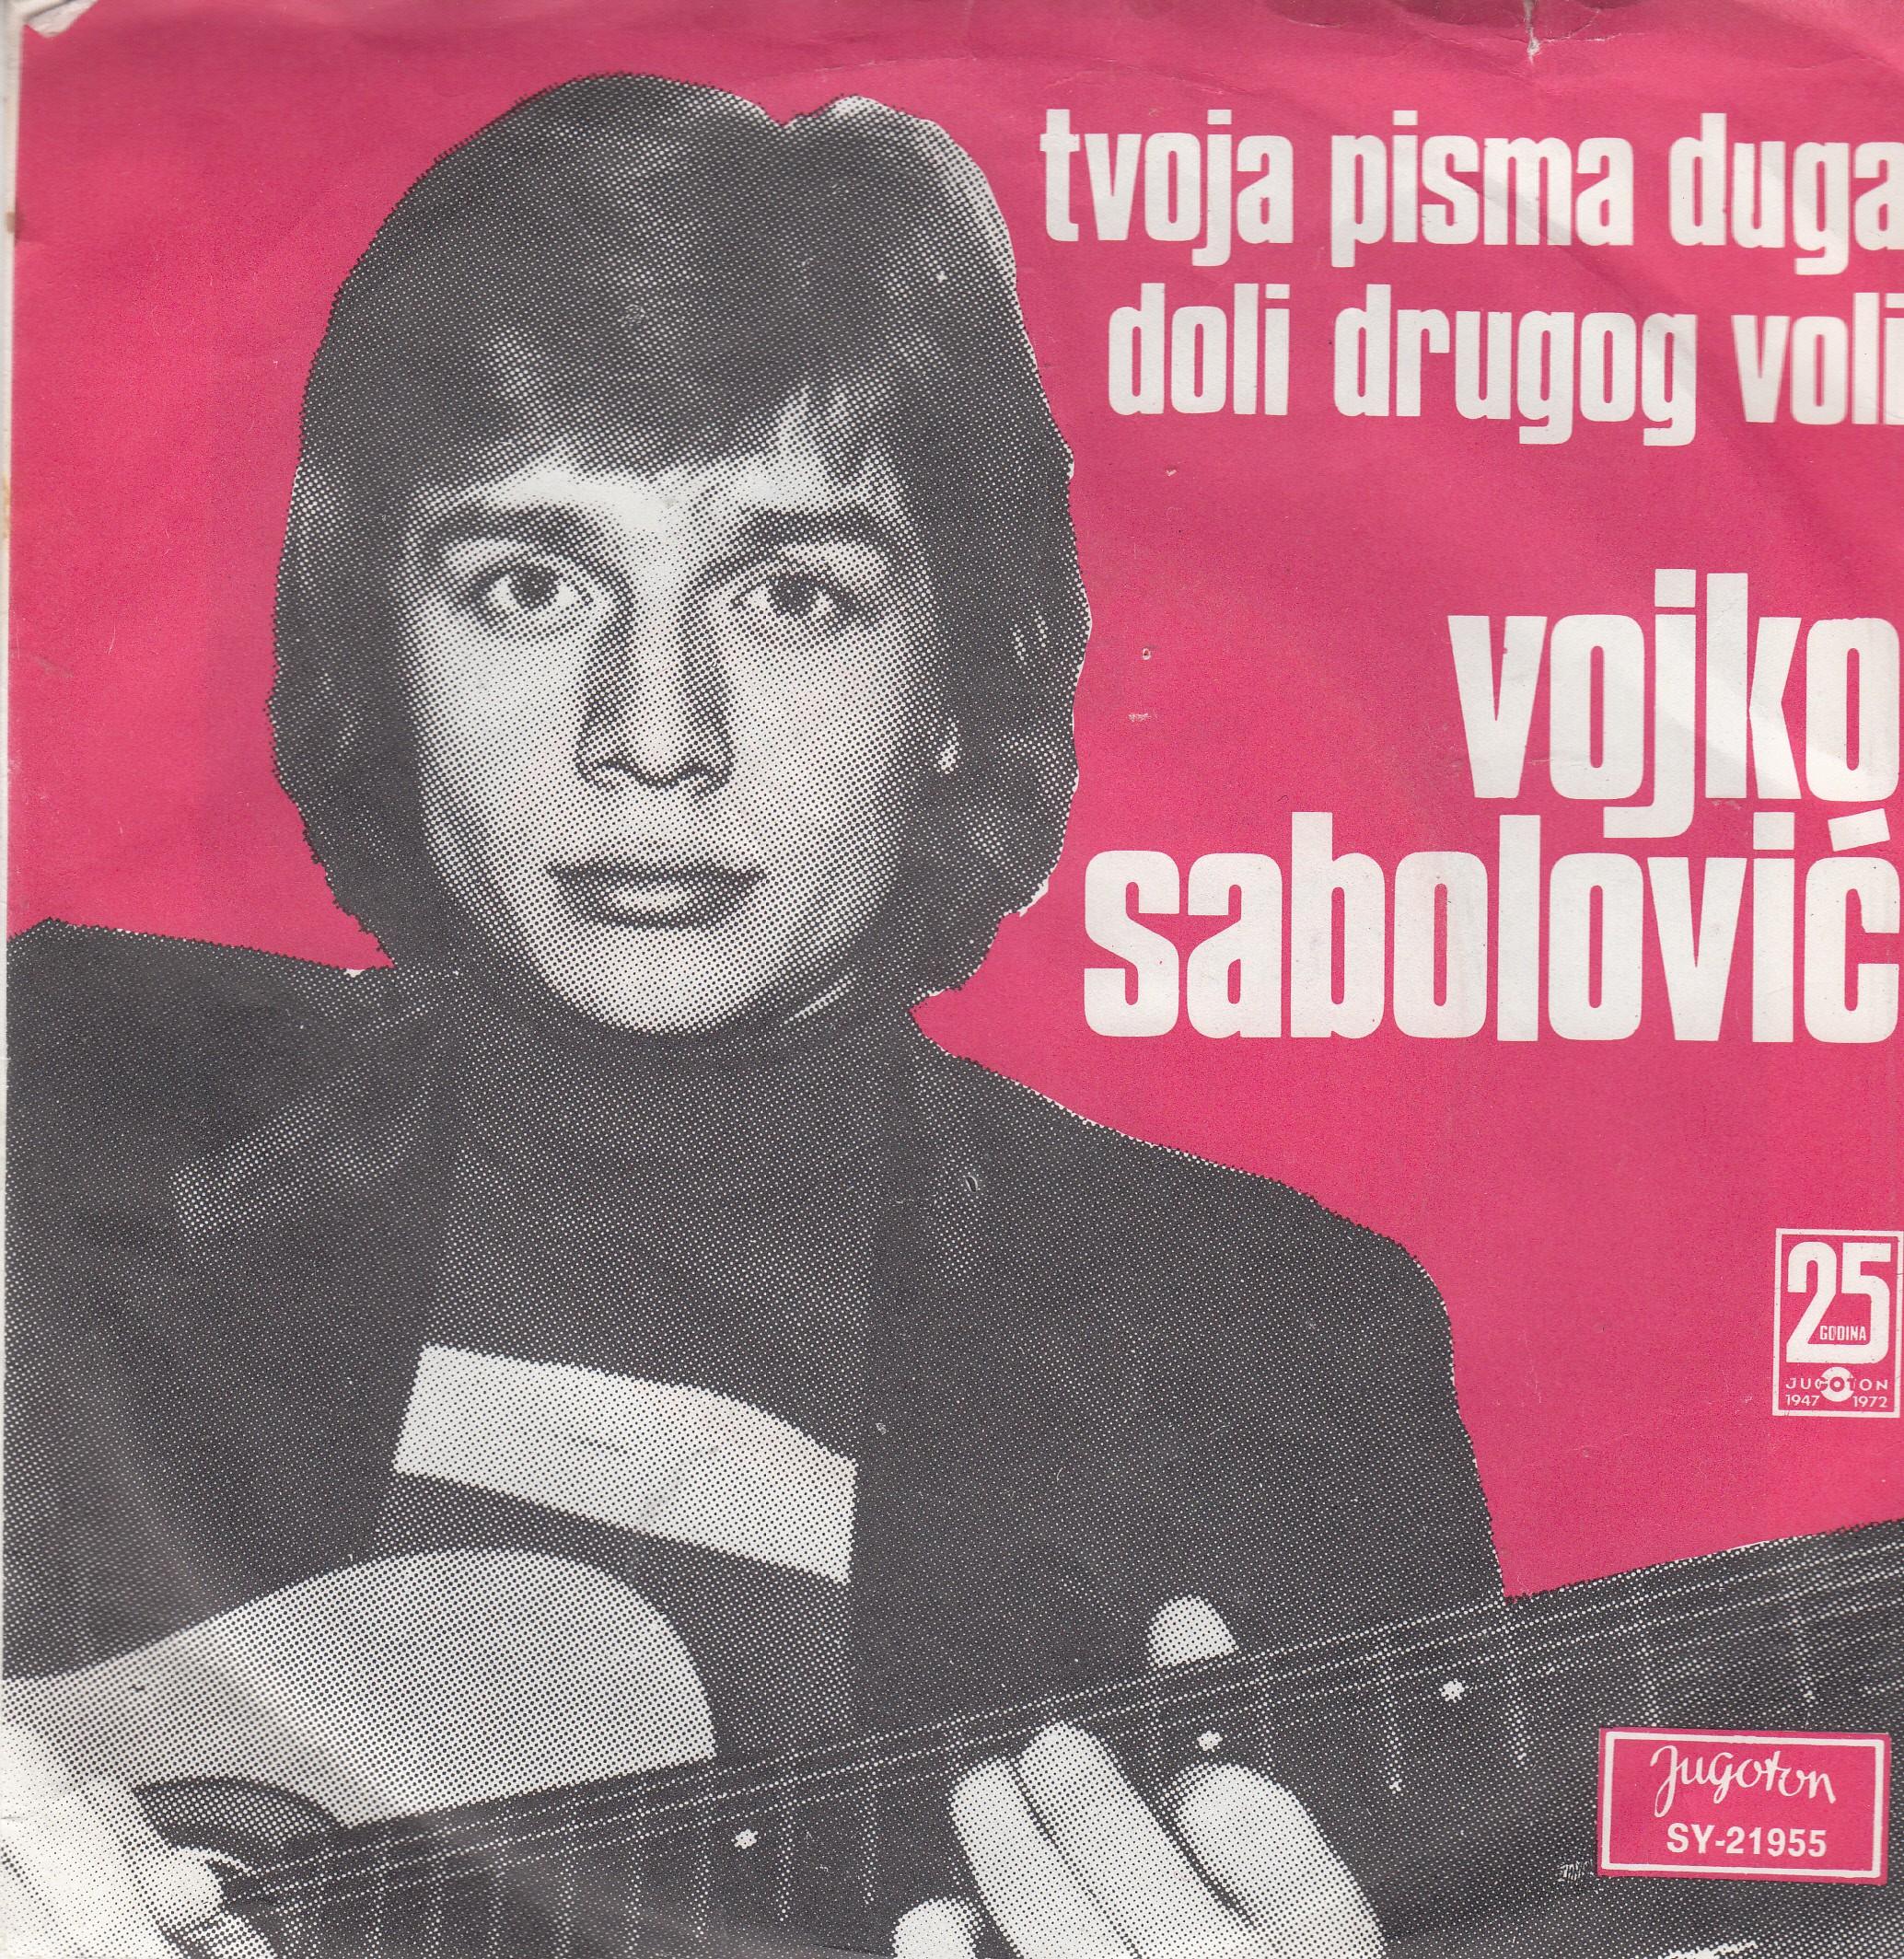 Sabolovic Vojko - Tvoja Pisma Duga/doli Drugog Voli